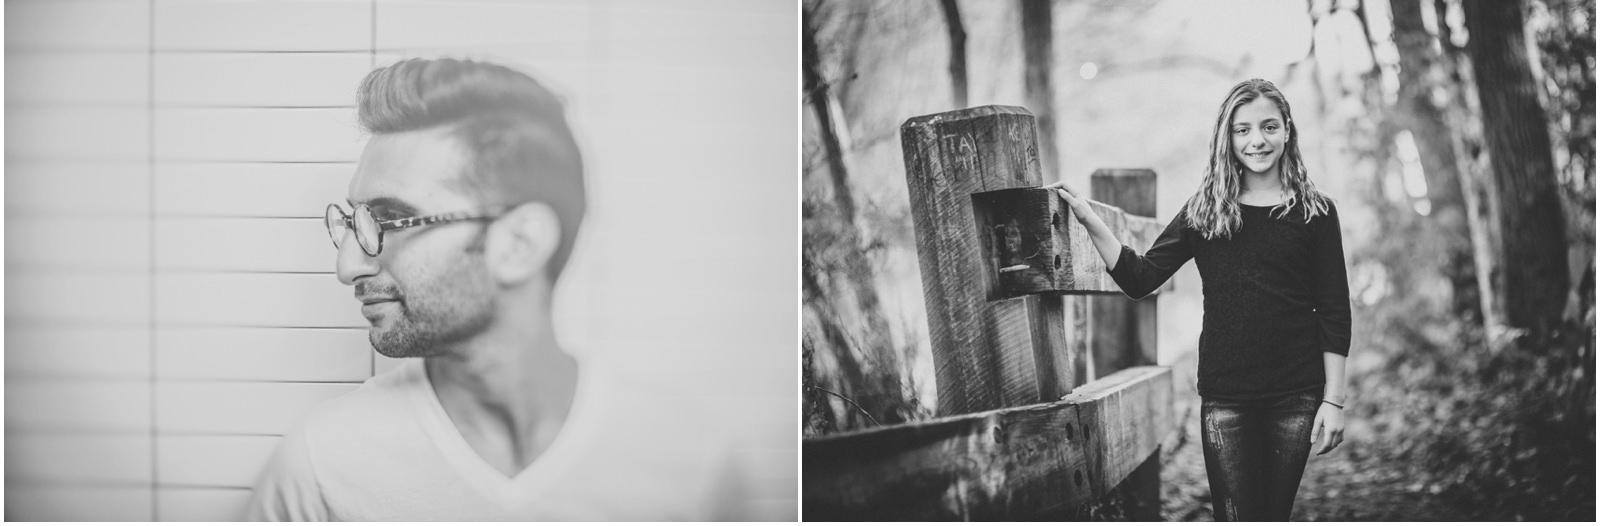 CT-portrait-photographer-15